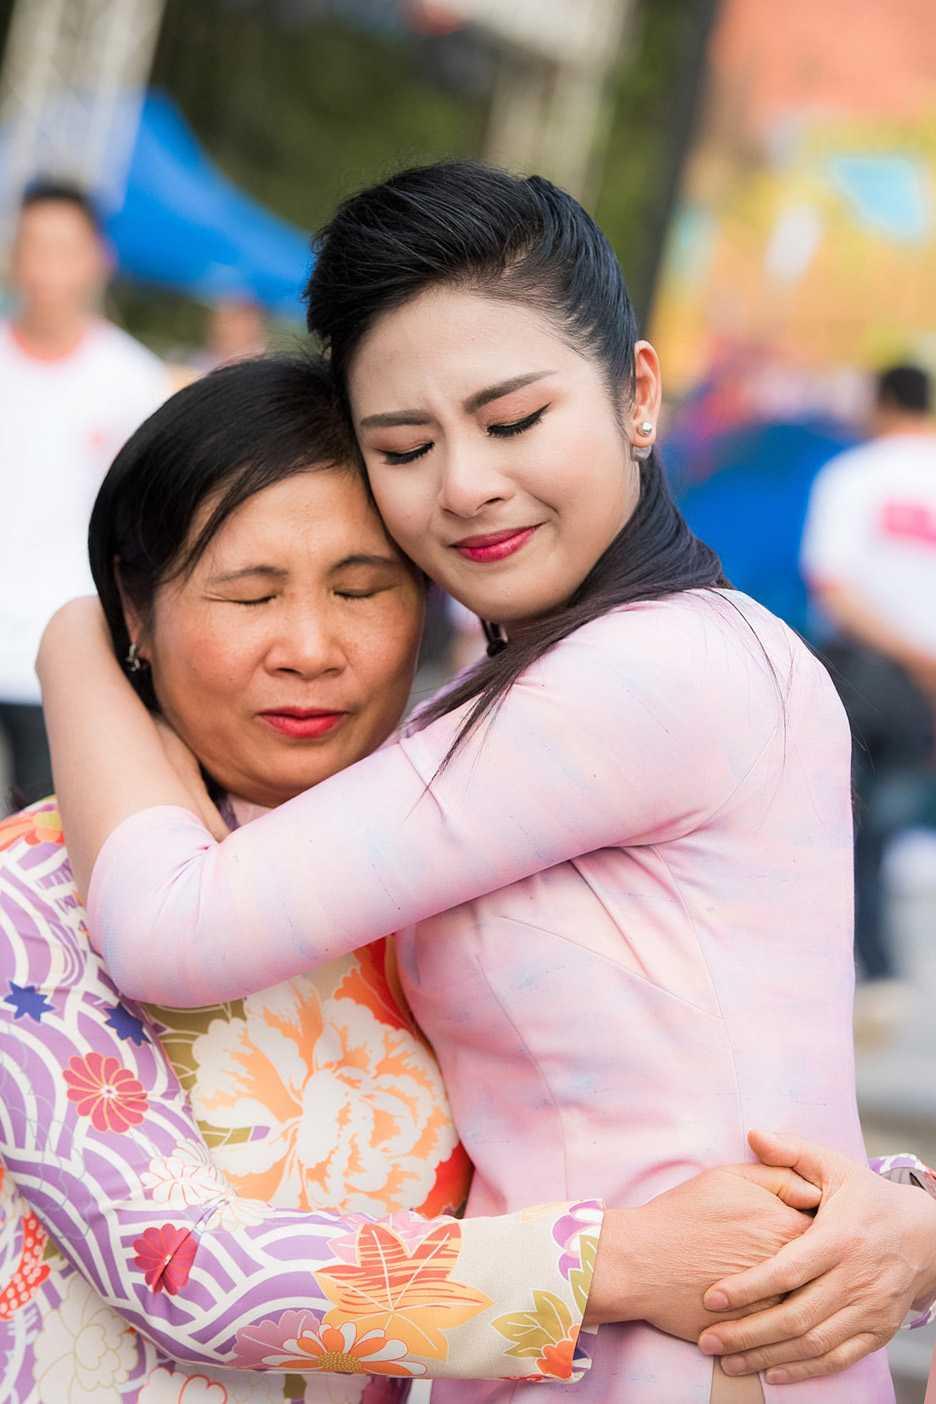 Phan Anh roi nuoc mat khi gap lai nguoi phu nu tang banh chung o vung 'ron lu' hinh anh 6